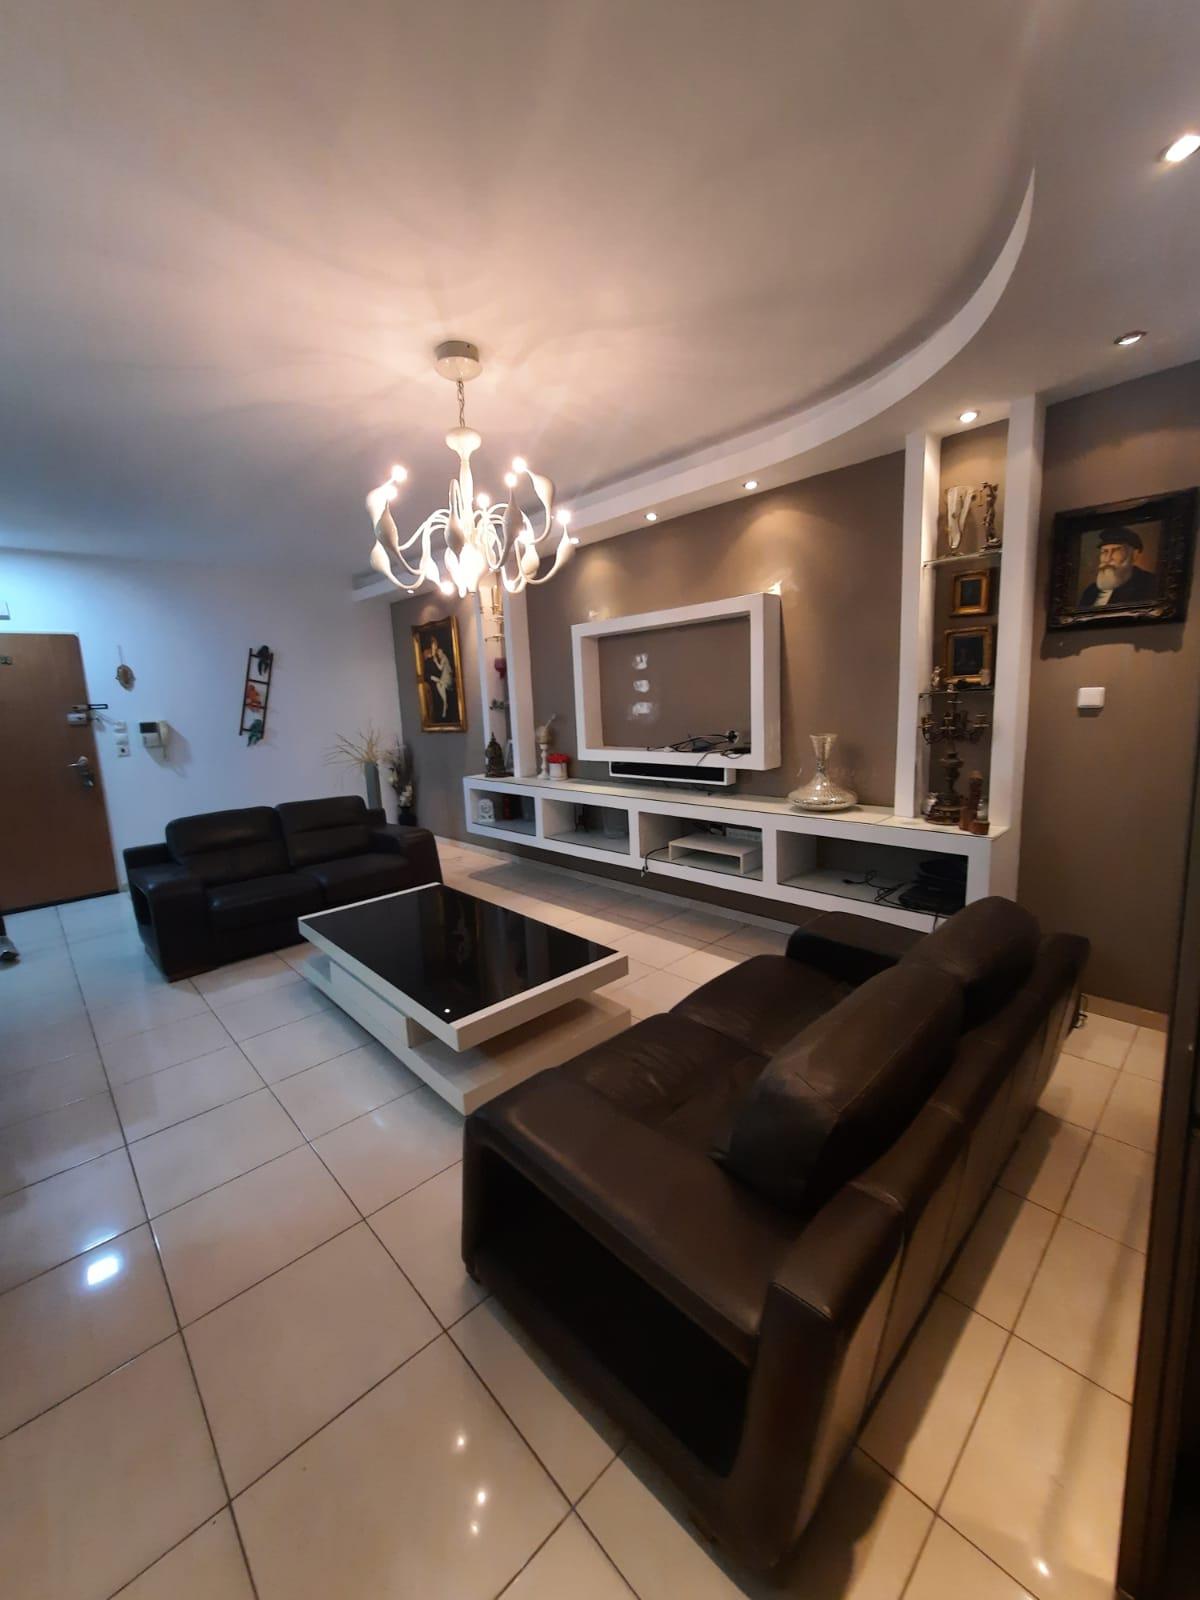 חולון דירה למכירה 5 חדרים 2,250,000₪, חולון